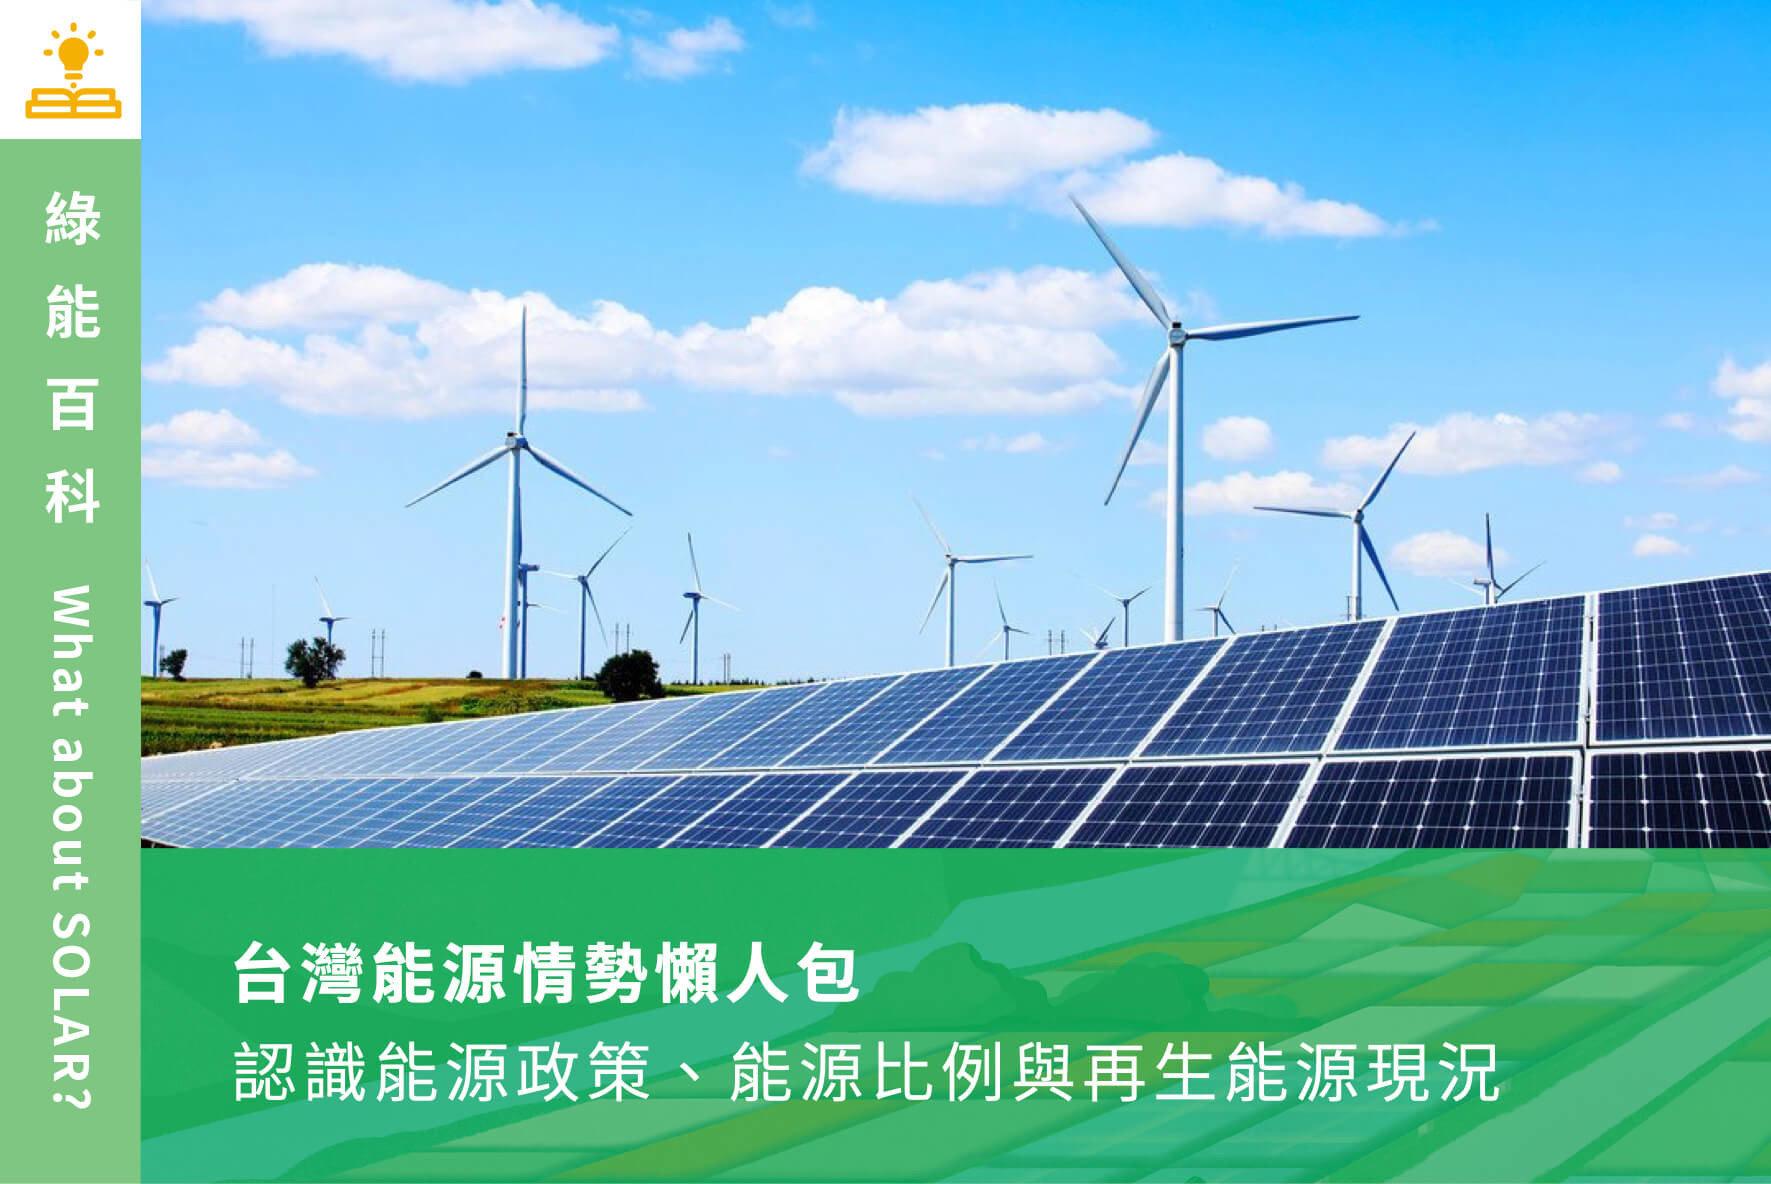 台灣能源情勢懶人包|認識能源政策、能源比例與再生能源現況